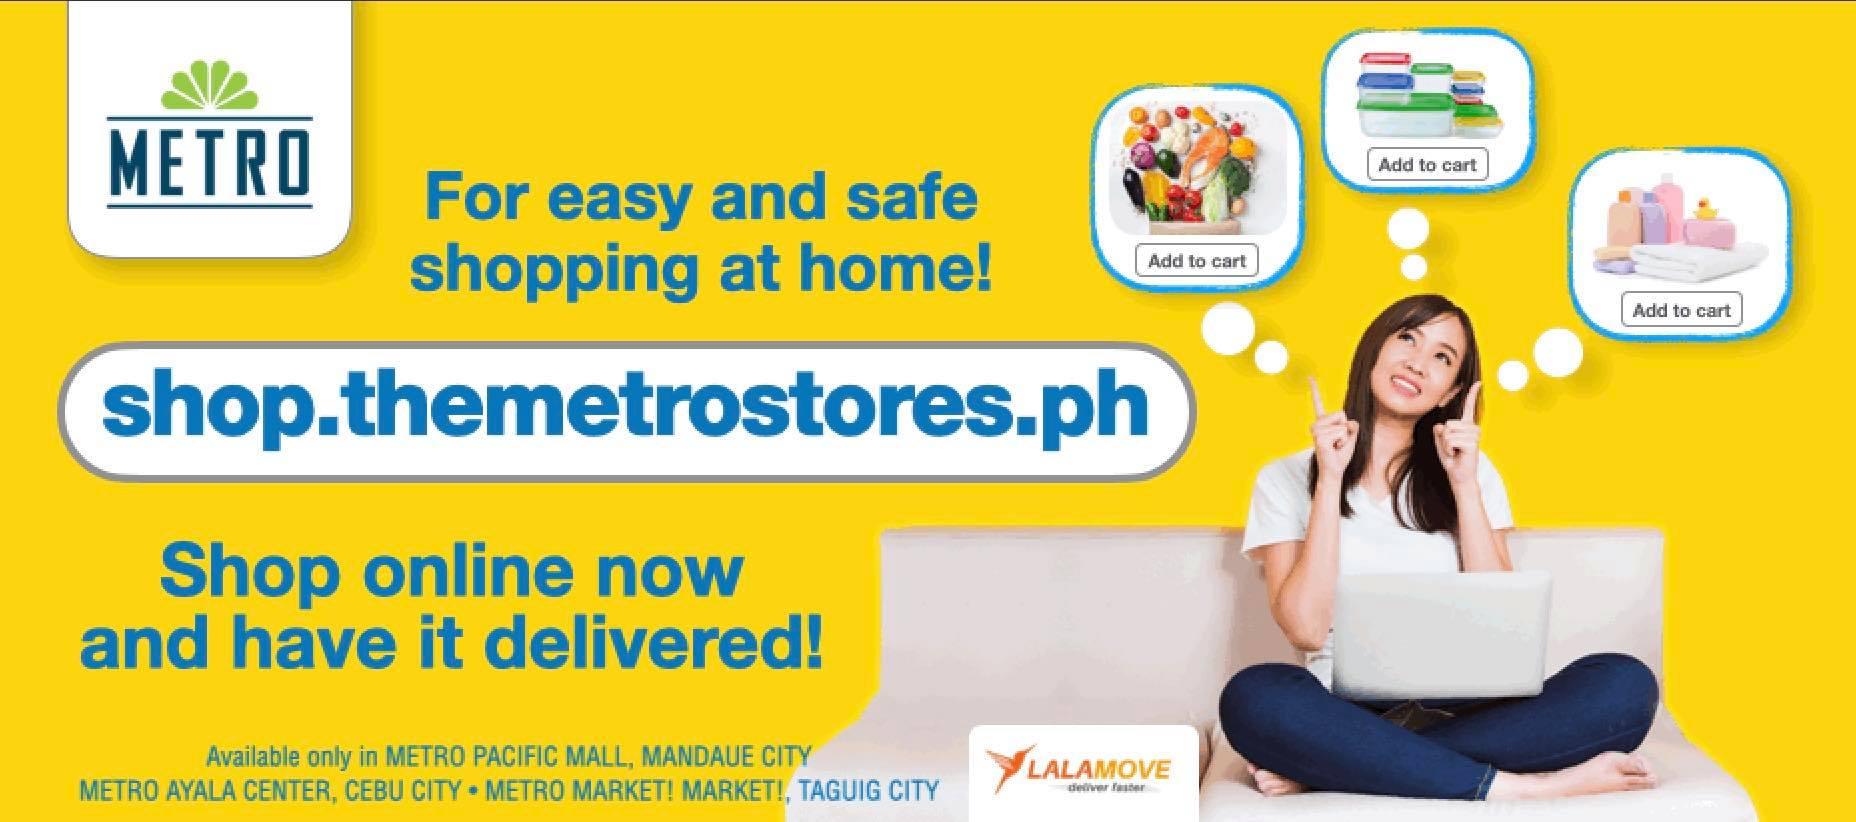 MetroStore Online Shopping